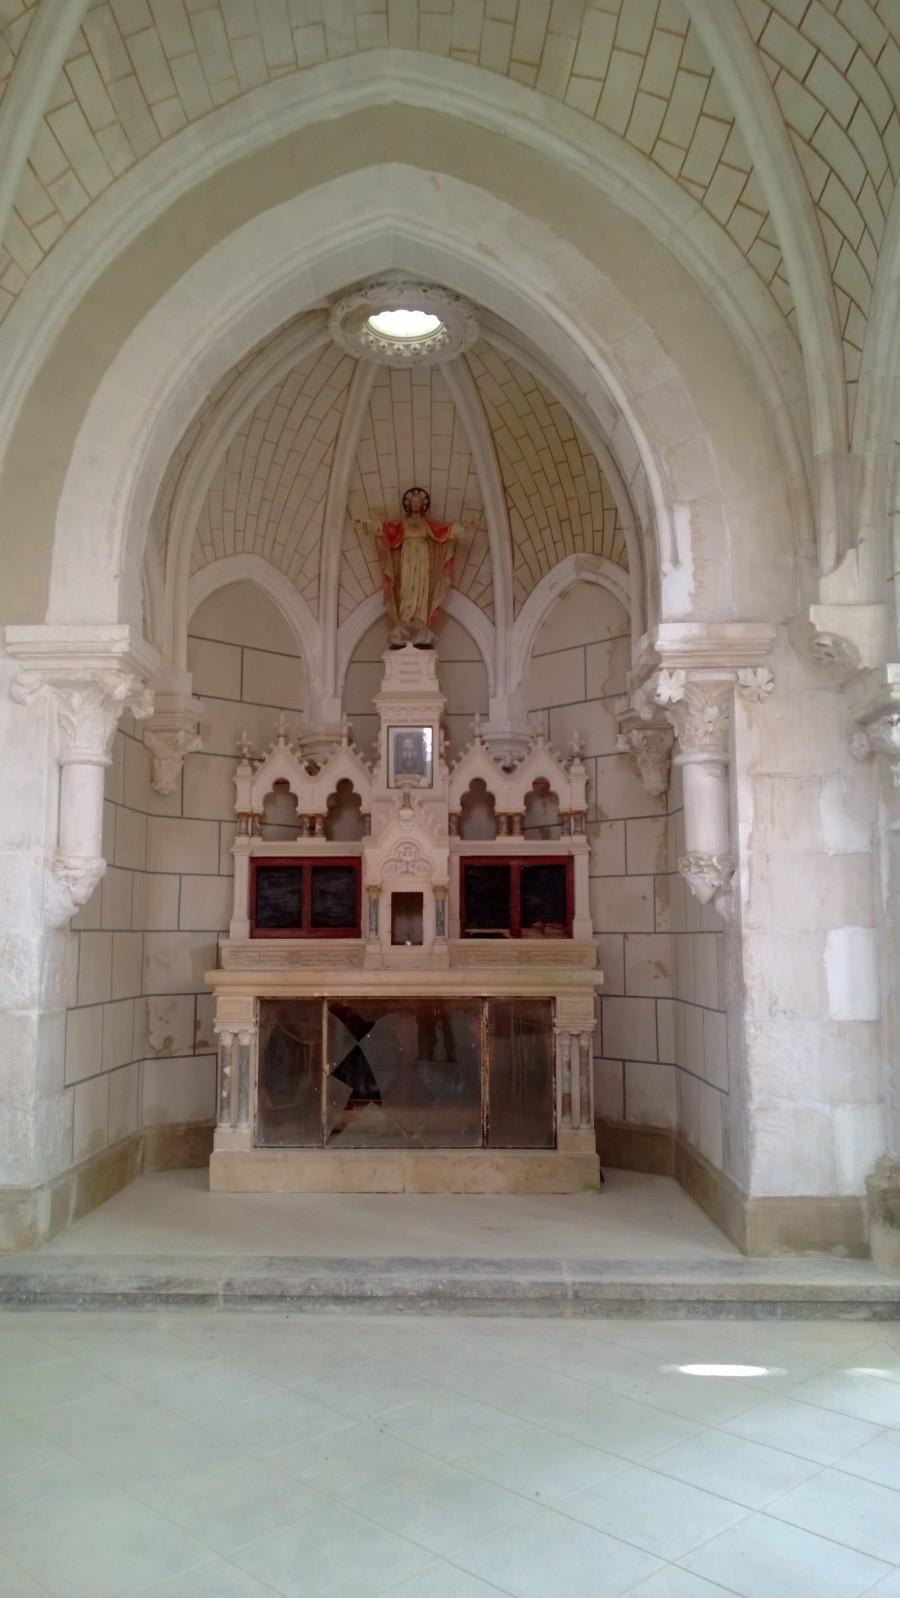 La chapelle gauche dans laquelle étaient autrefois conservées les reliques de saint Benoît Labre